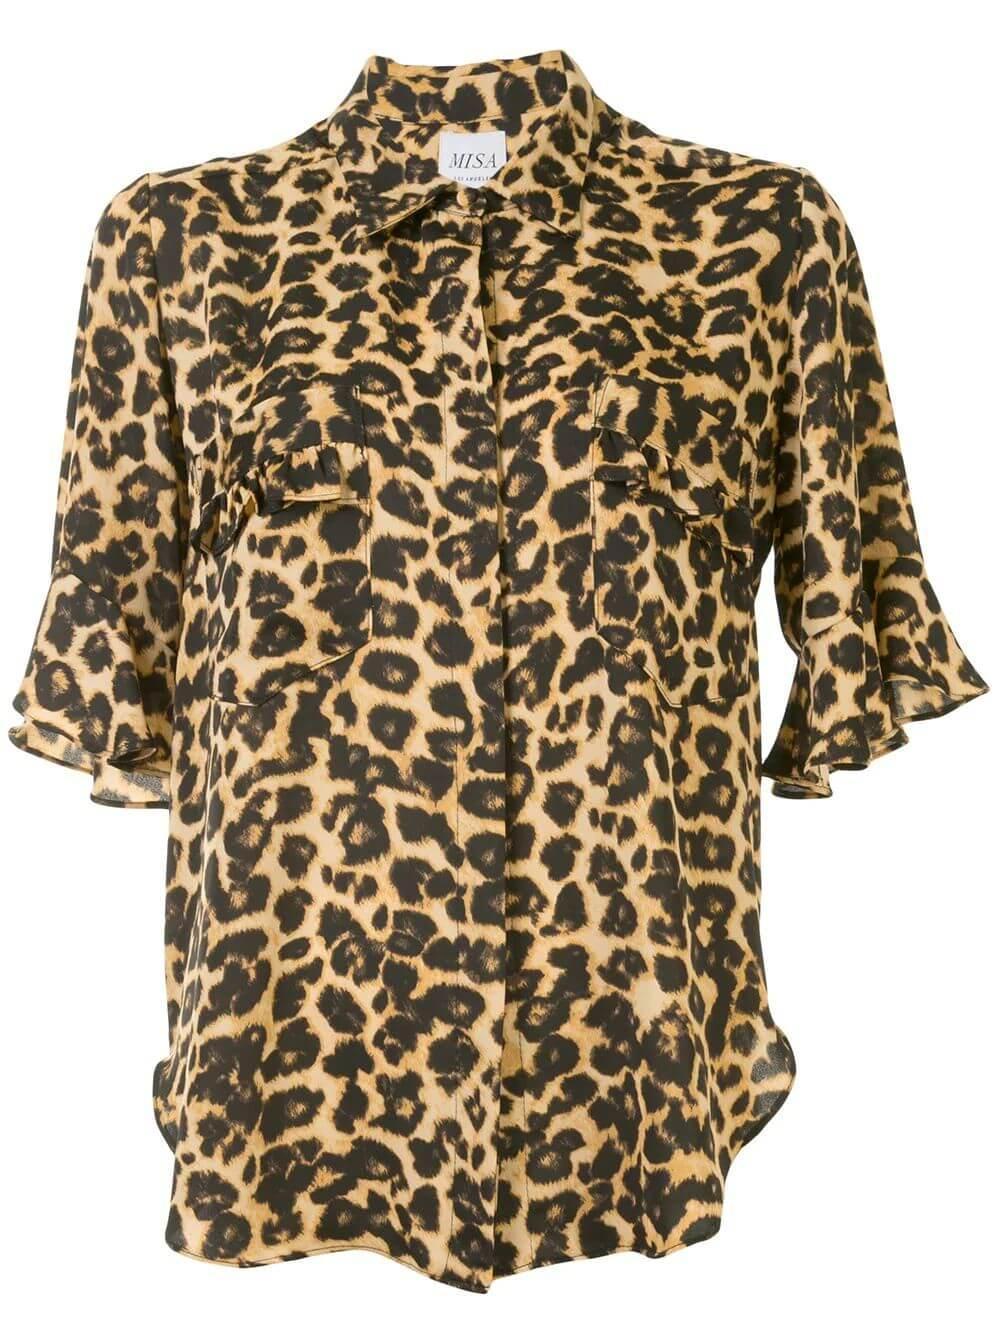 Louise Animal Print Blouse Item # KATP7110